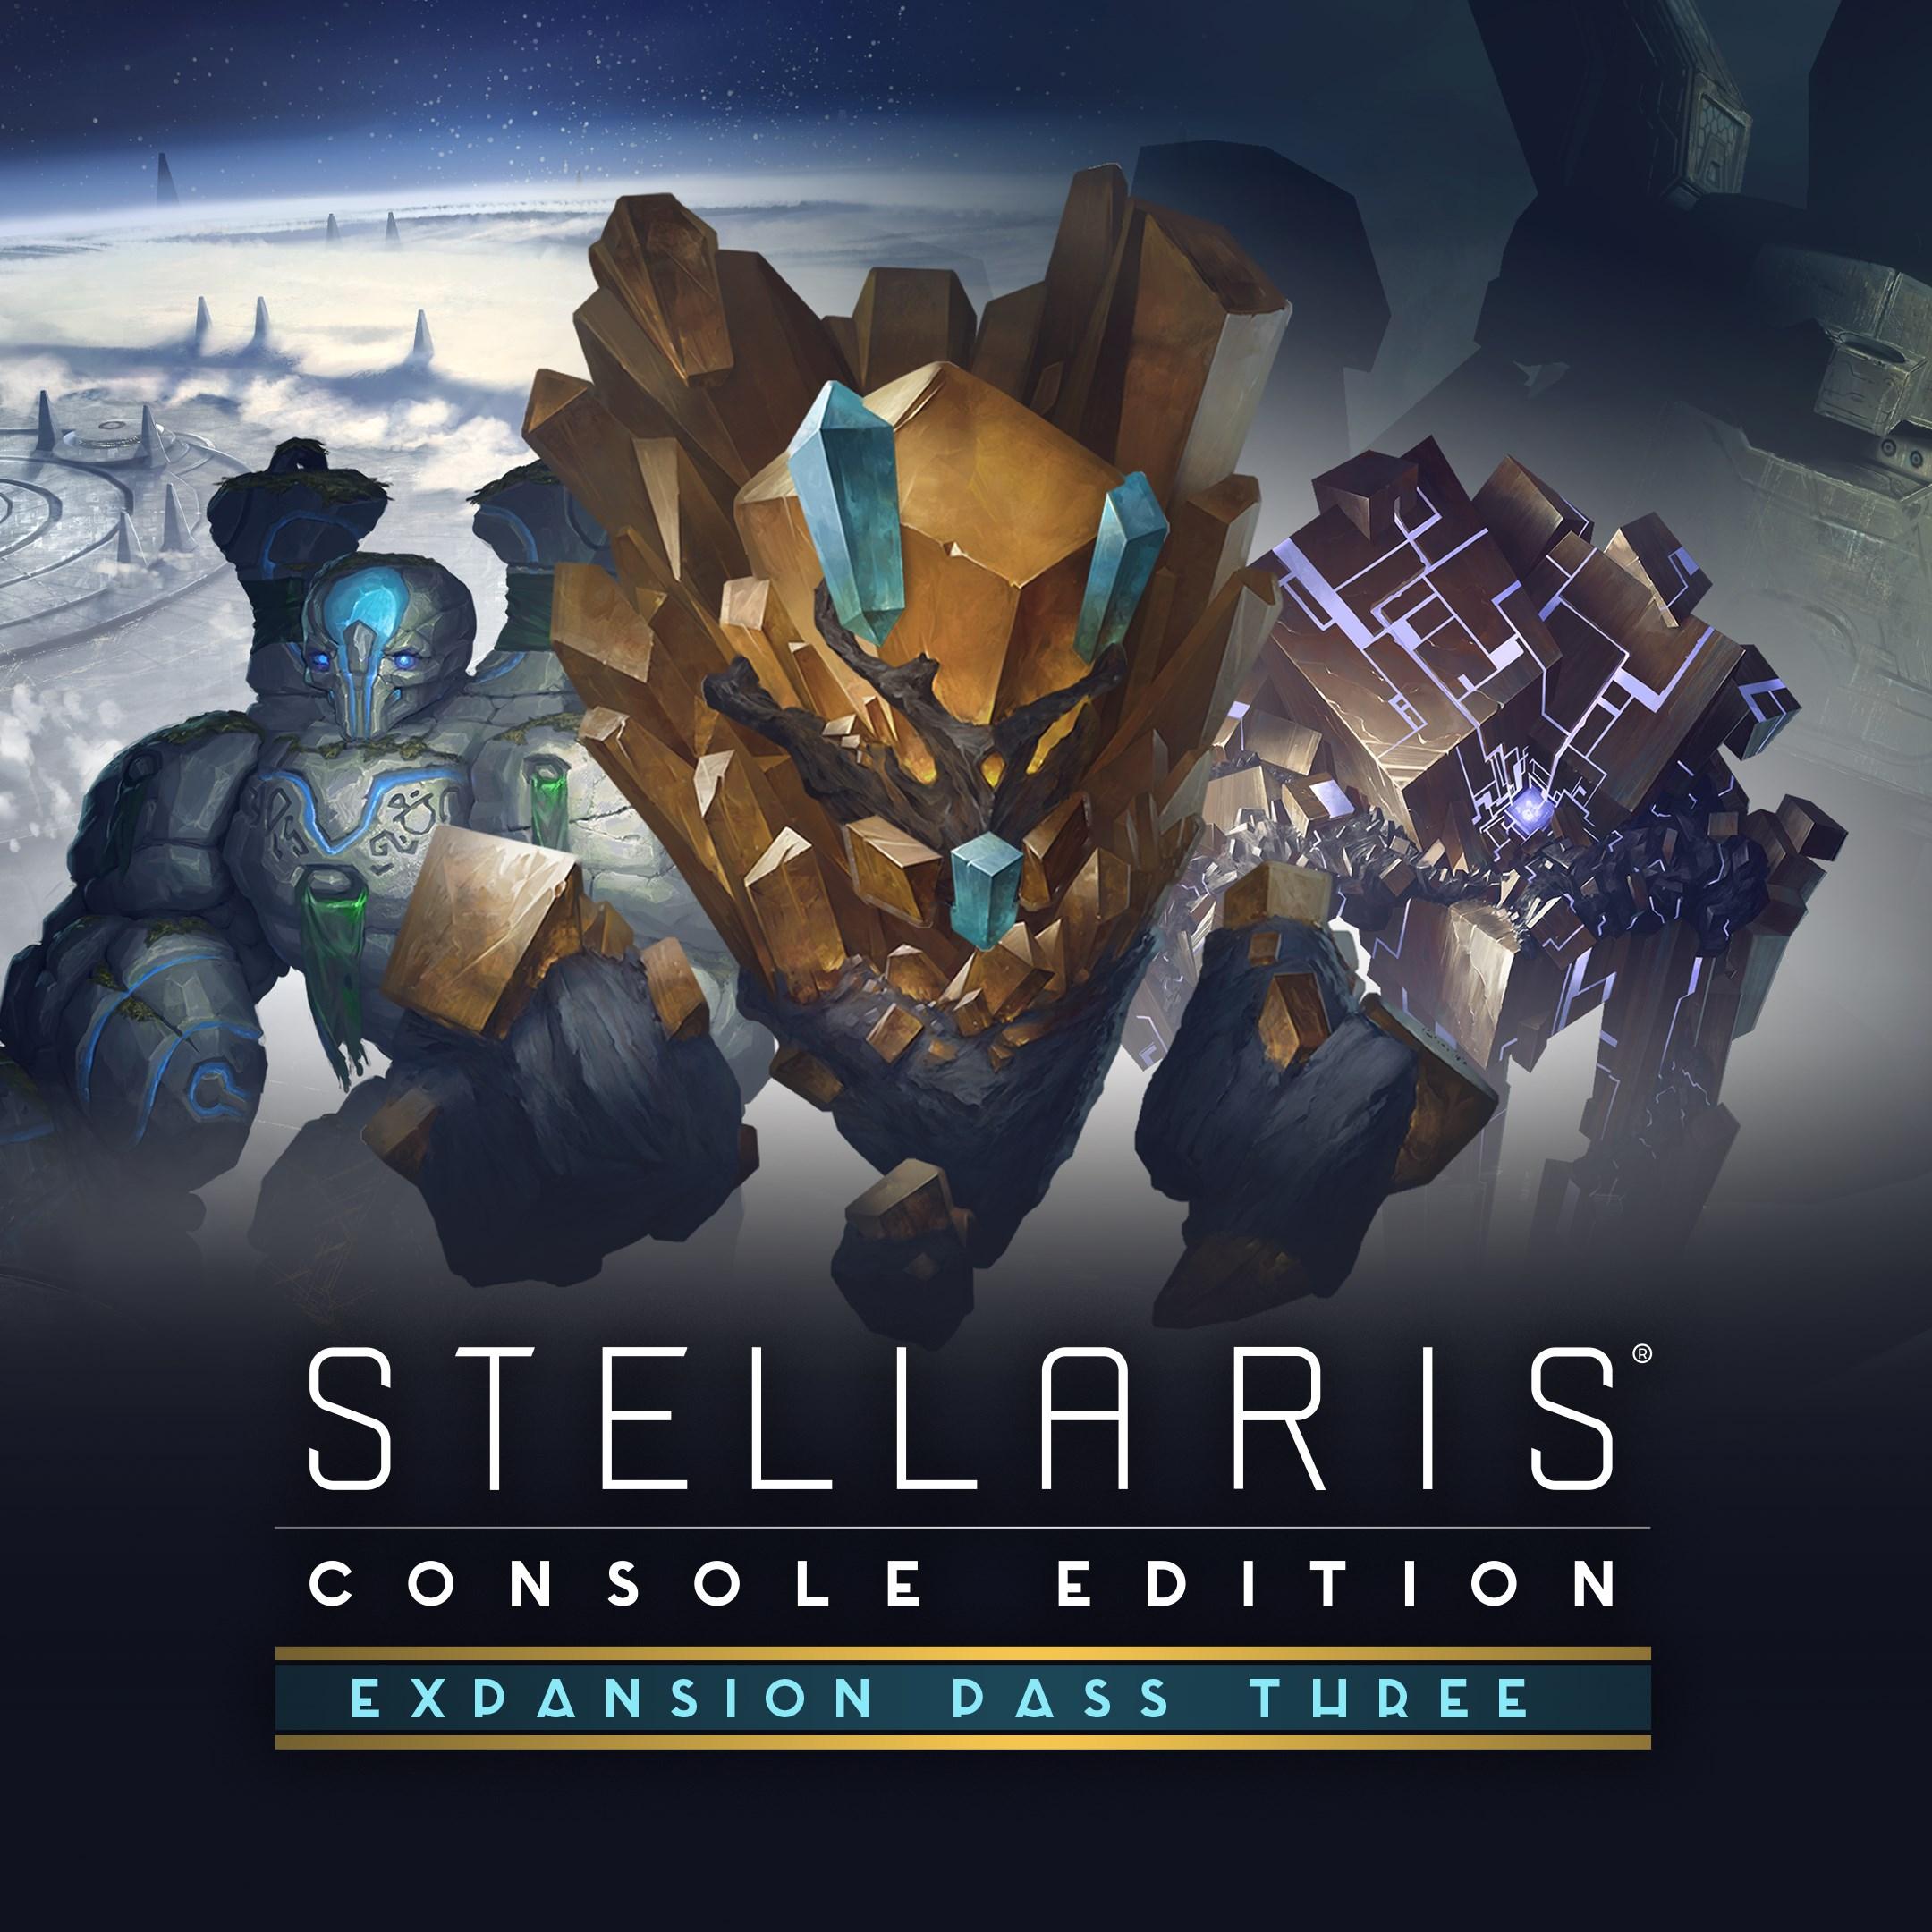 Скриншот №1 к Stellaris Console Edition - Expansion Pass Three